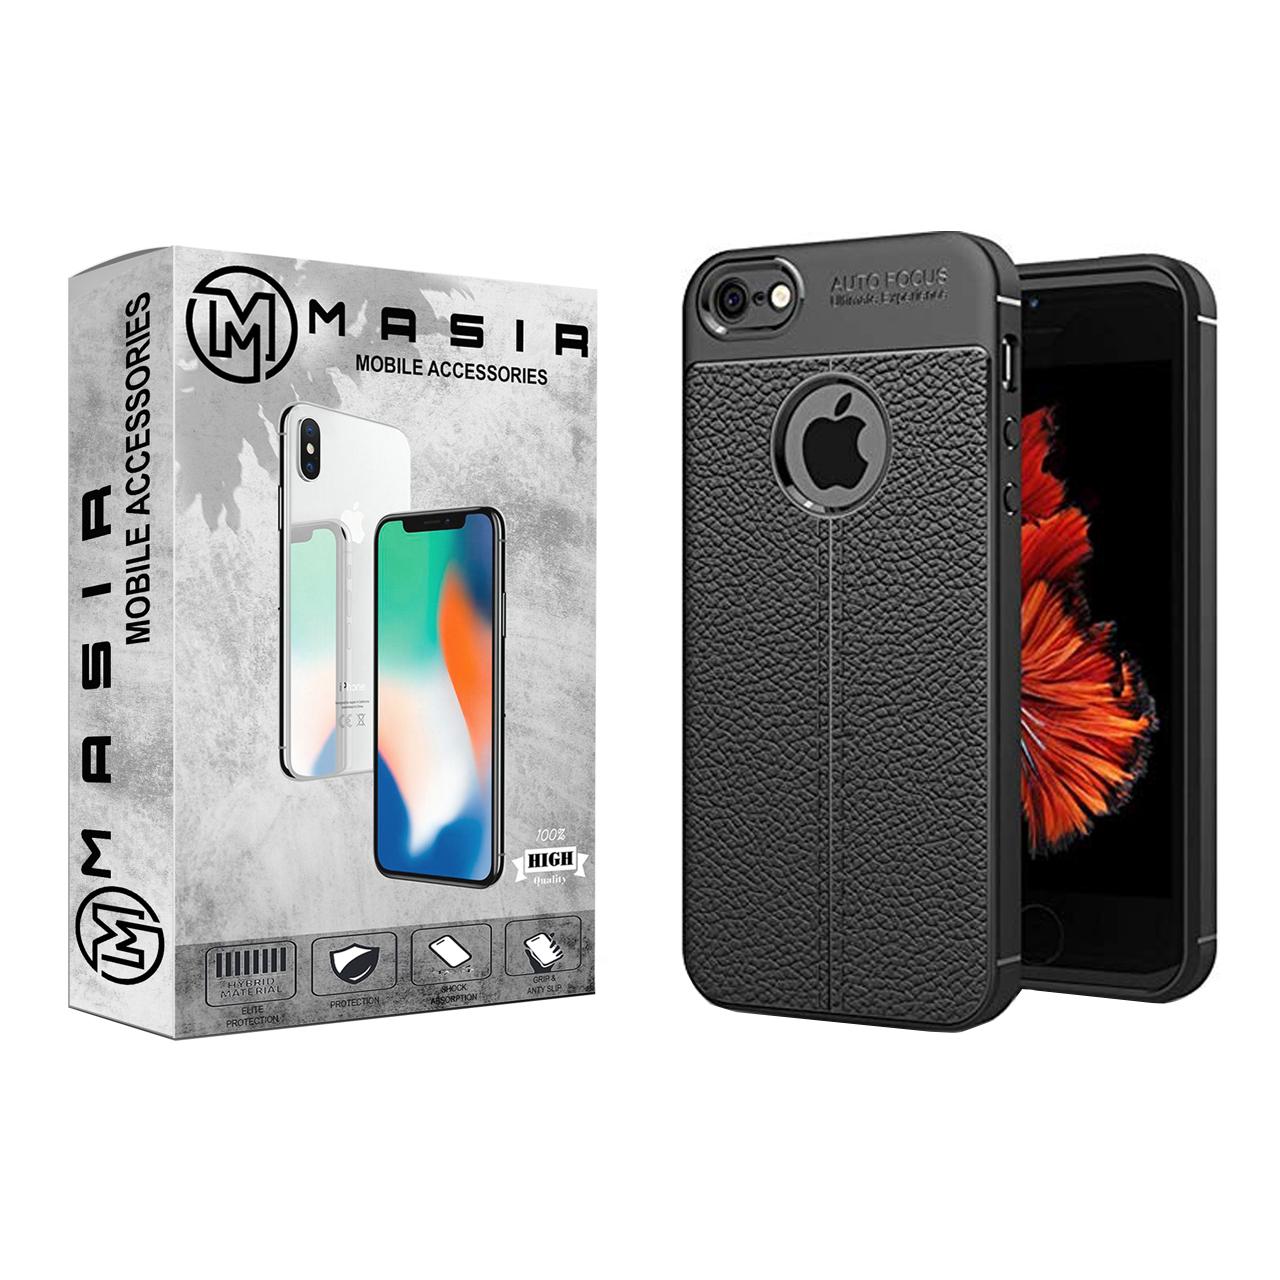 کاور مسیر مدل Auto-1 مناسب برای گوشی موبایل اپل iPhone 5/5S/SE